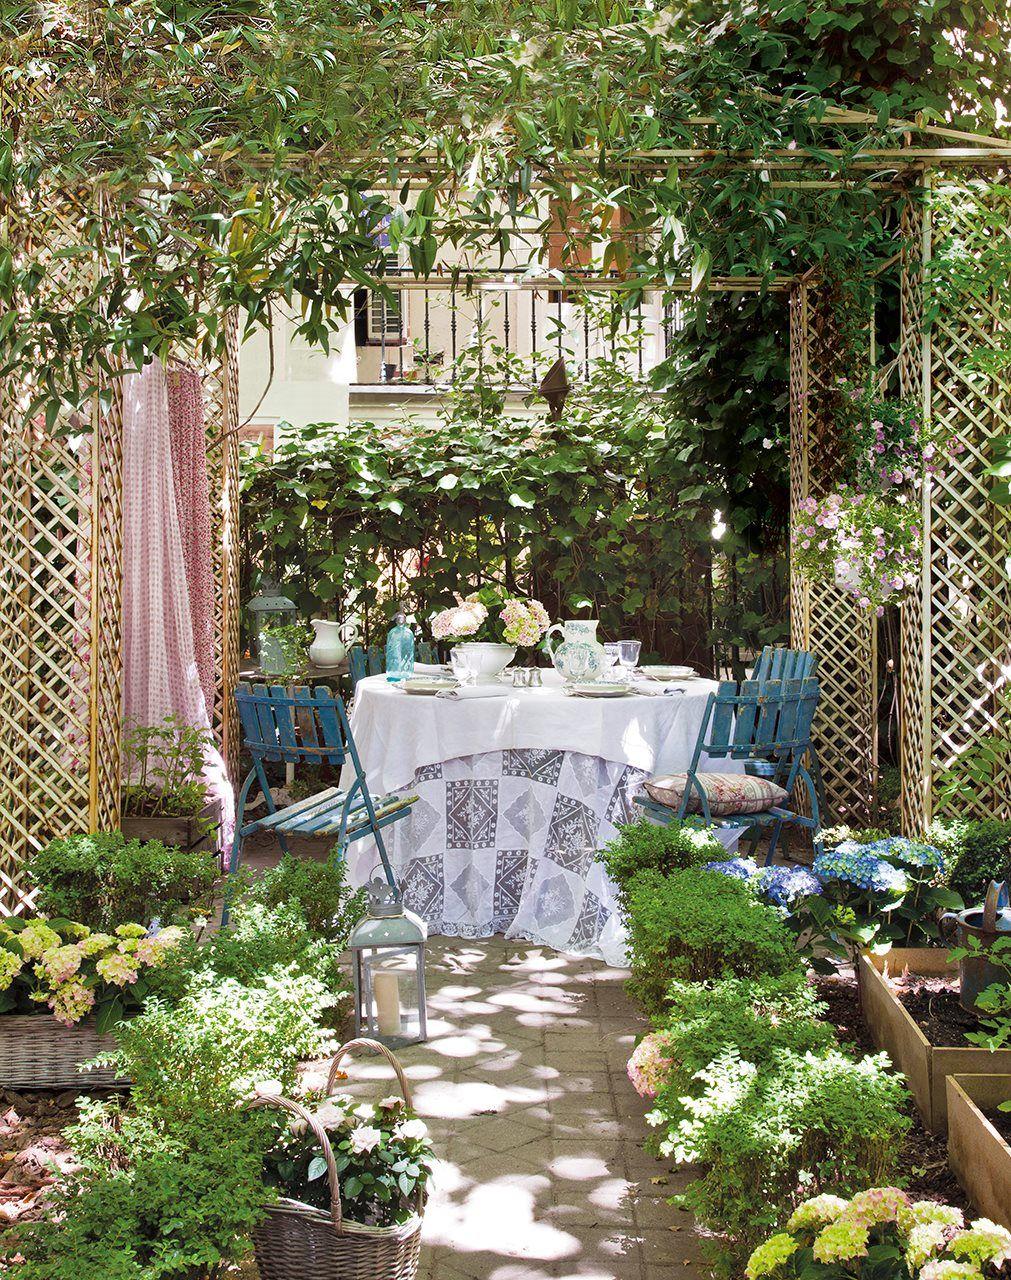 Para sobremesas muy naturales jardines patios porches for Jardines naturales pequenos